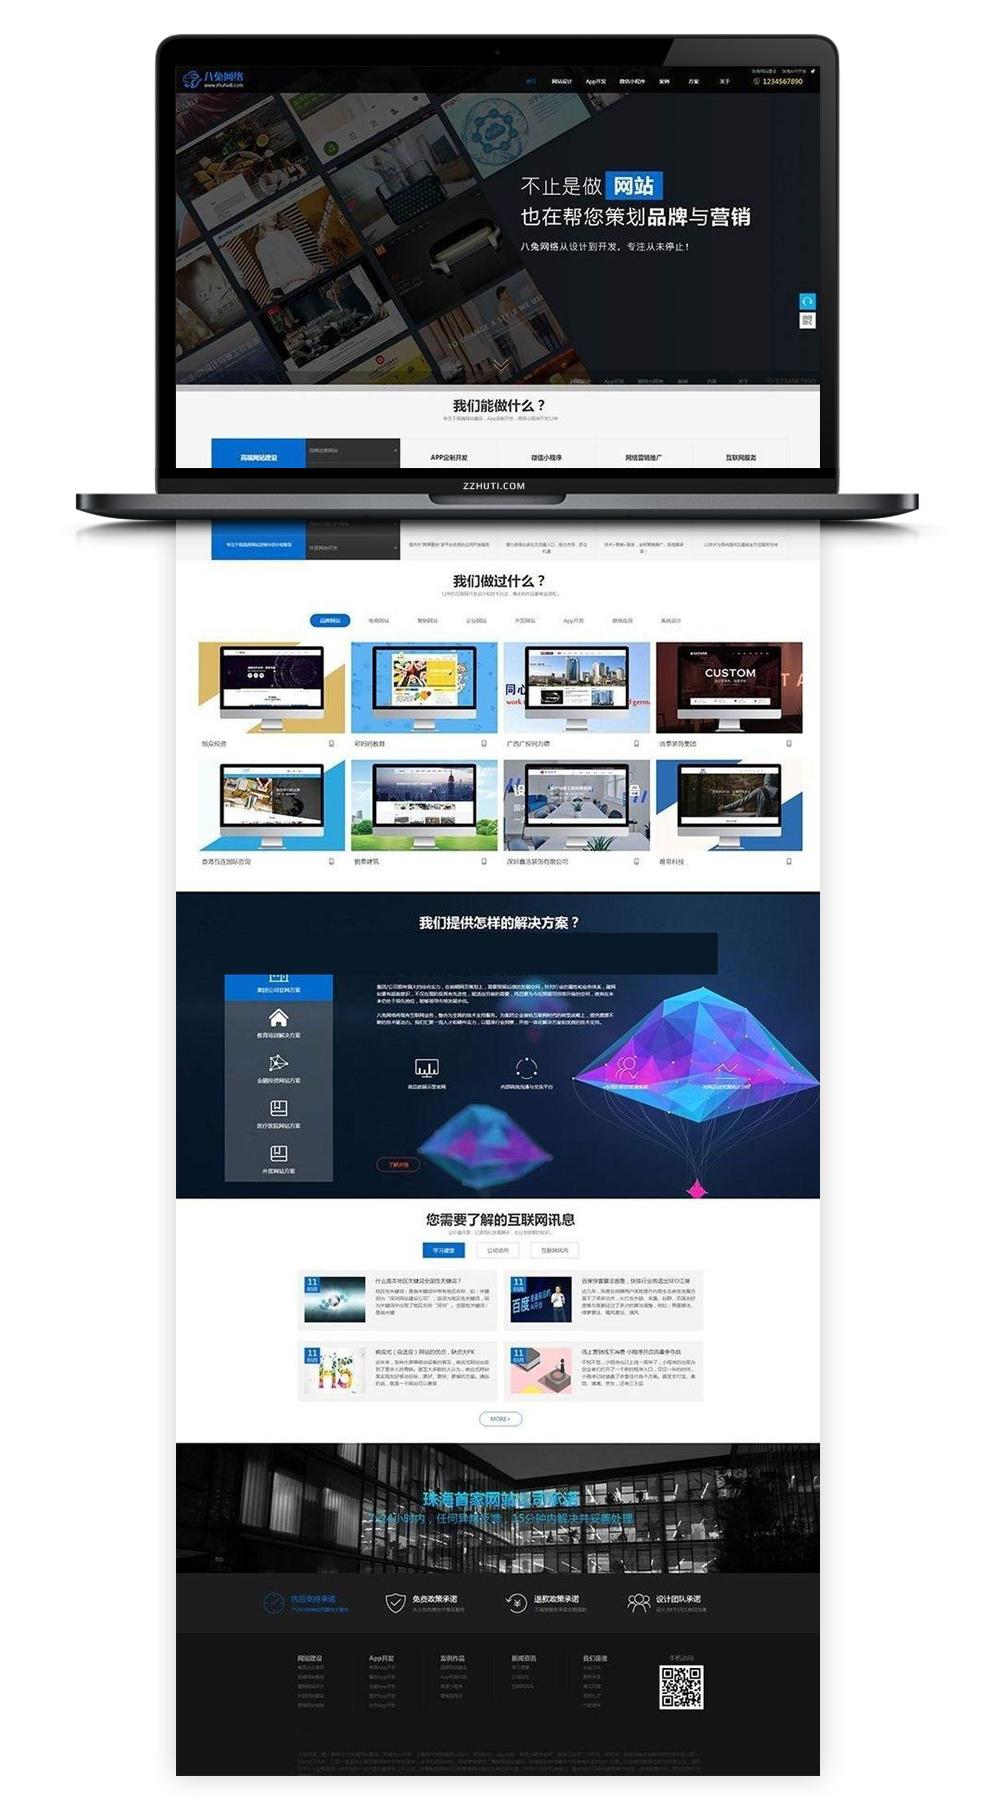 【网站建设企业】HTML5大气科技感建站公司网站模板 [帝国cms 7.5框架]-找主题源码